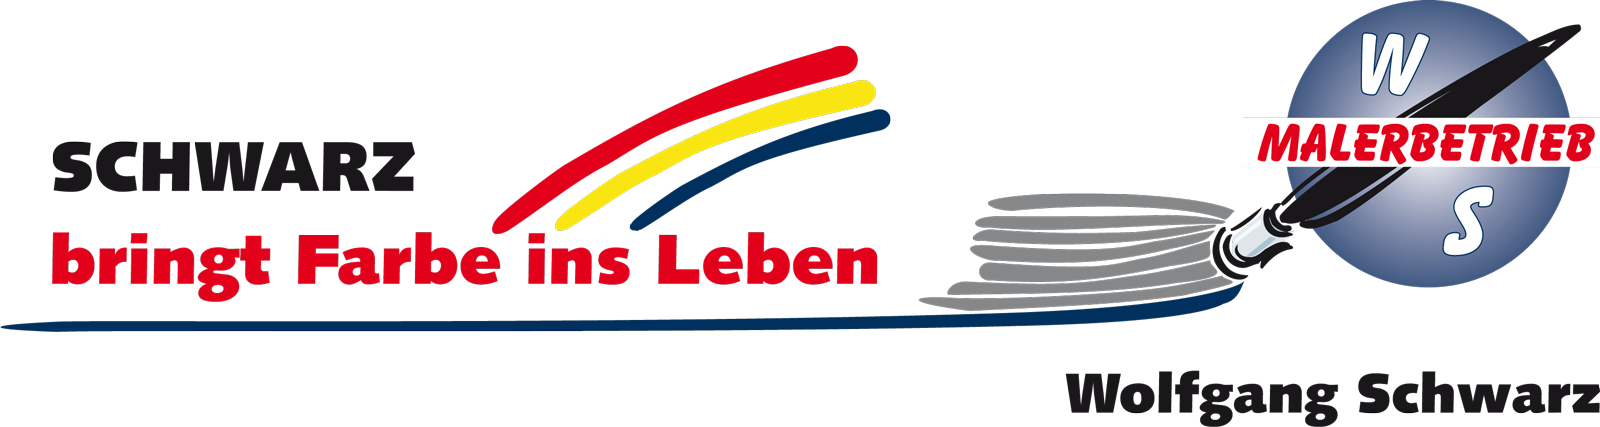 Berlin Malermeister Schwarz - Malerbetrieb Schwarz aus Berlin